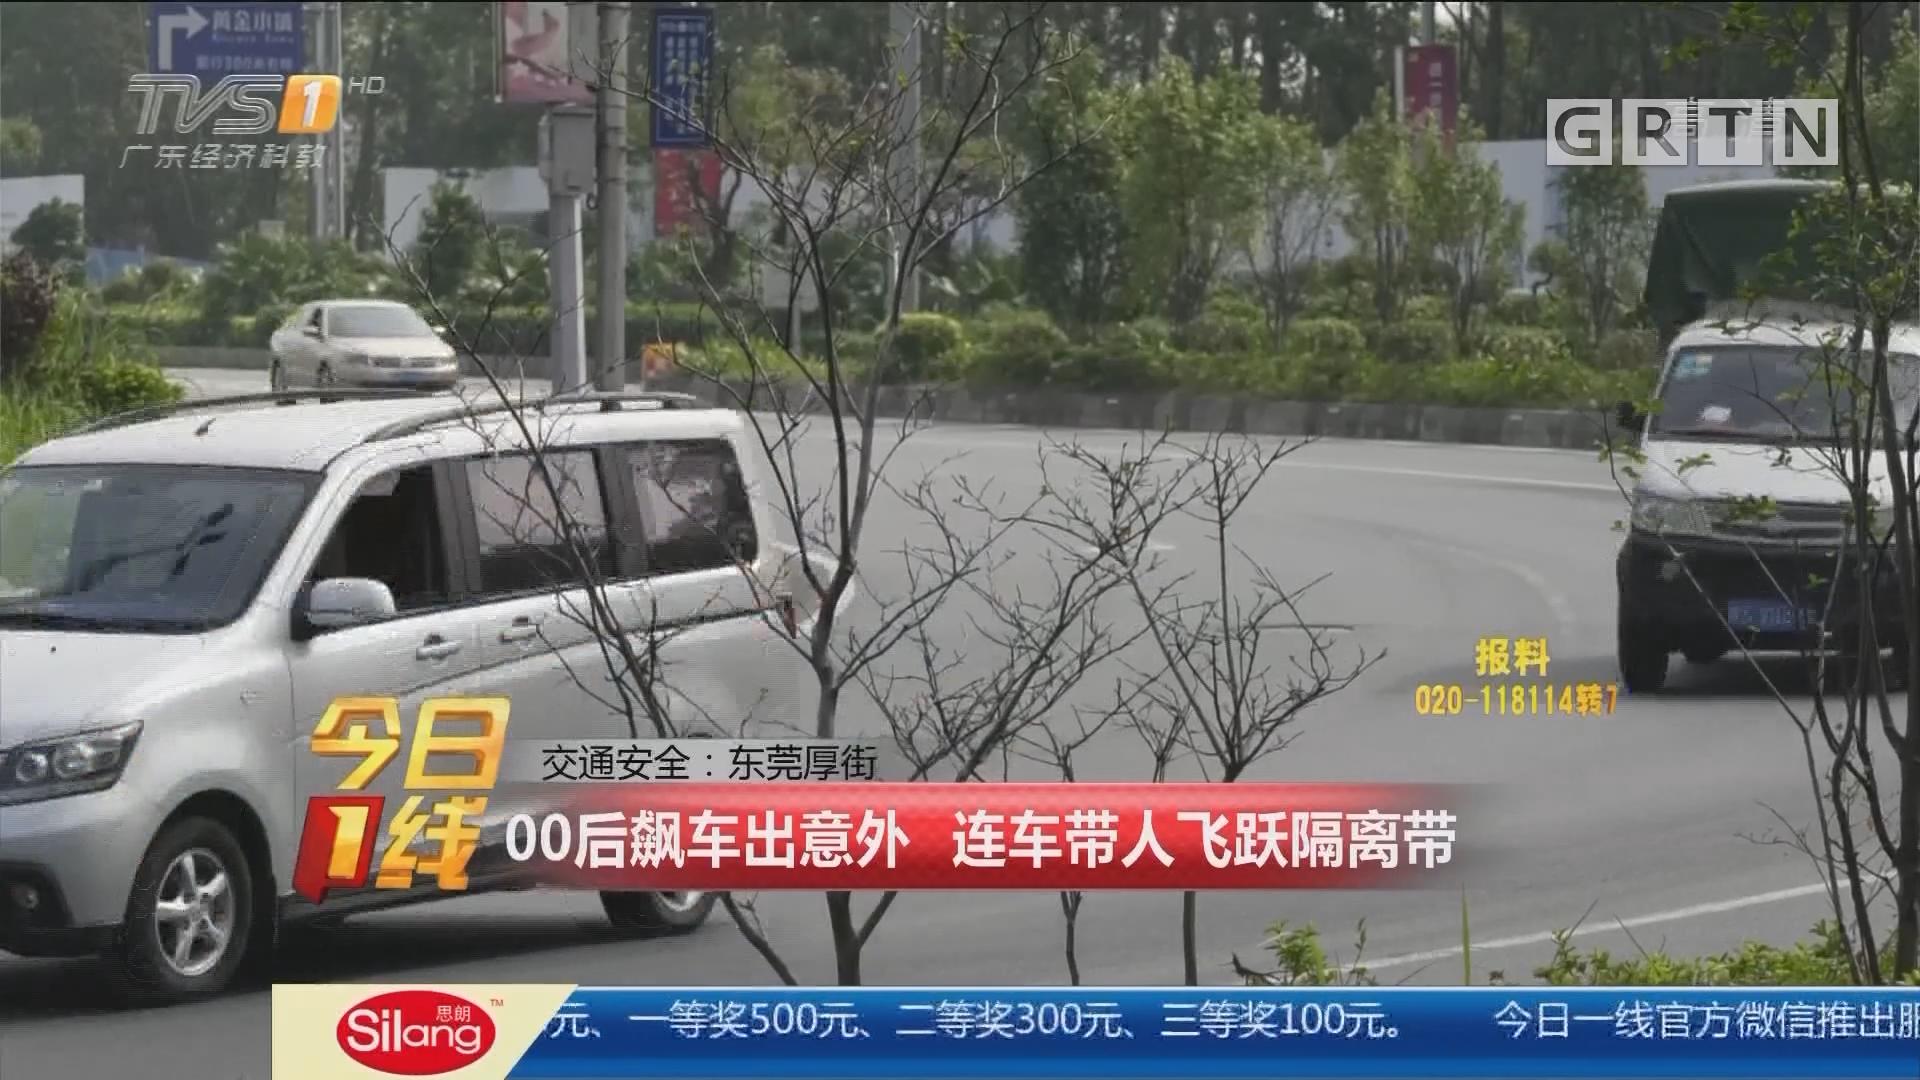 交通安全:东莞厚街 00后飙车出意外 连车带人飞跃隔离带